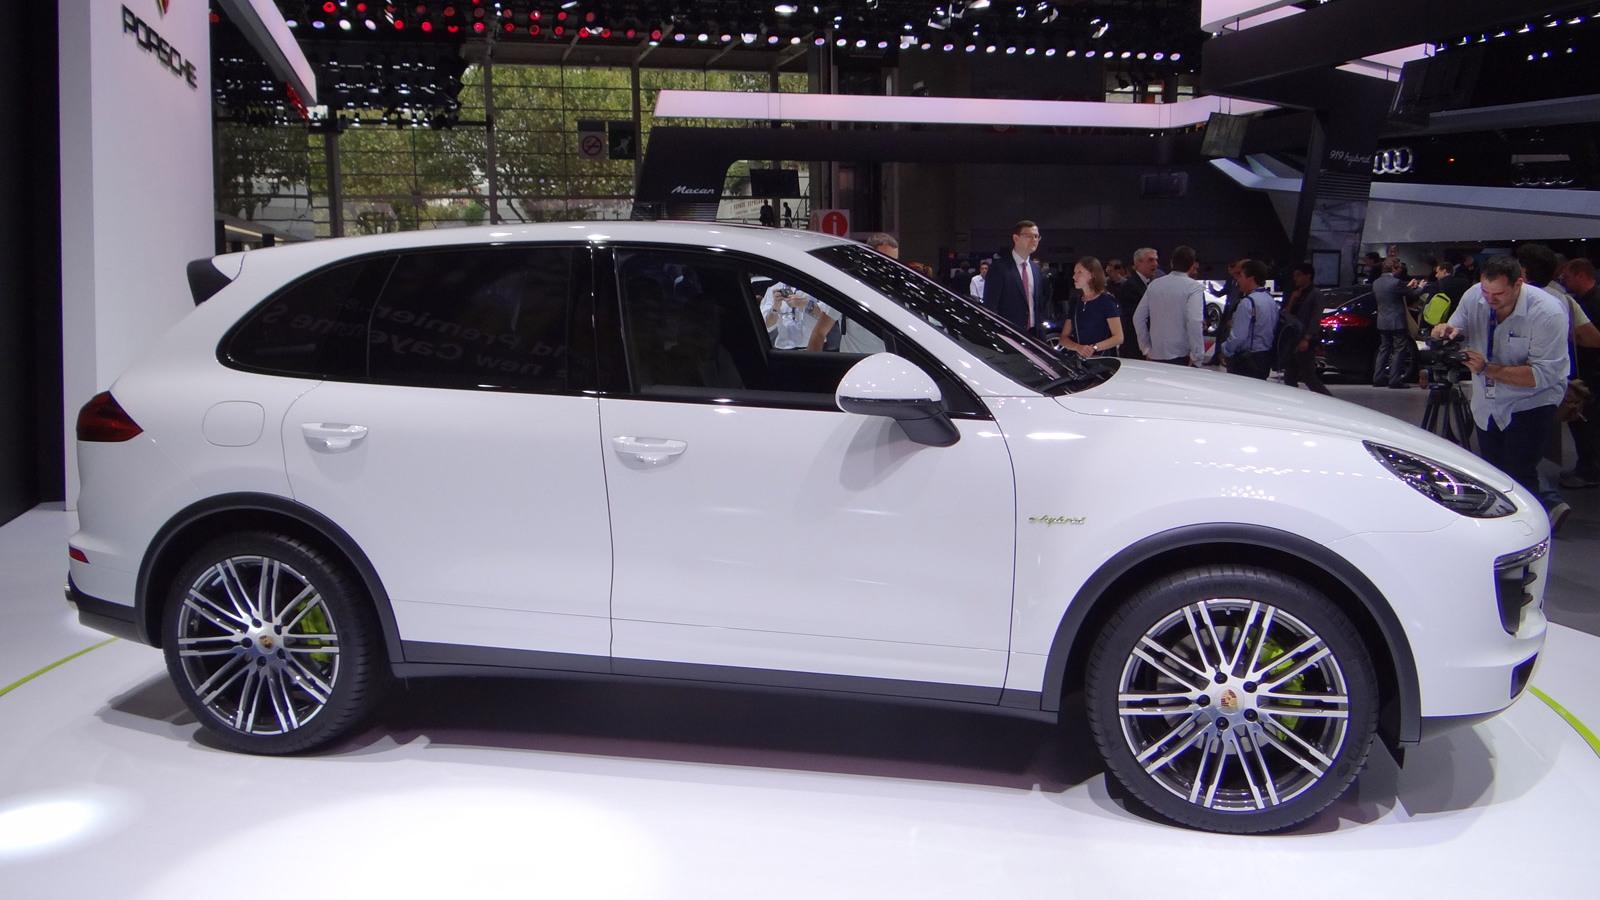 2015 Porsche Cayenne S E-Hybrid, 2014 Paris Auto Show